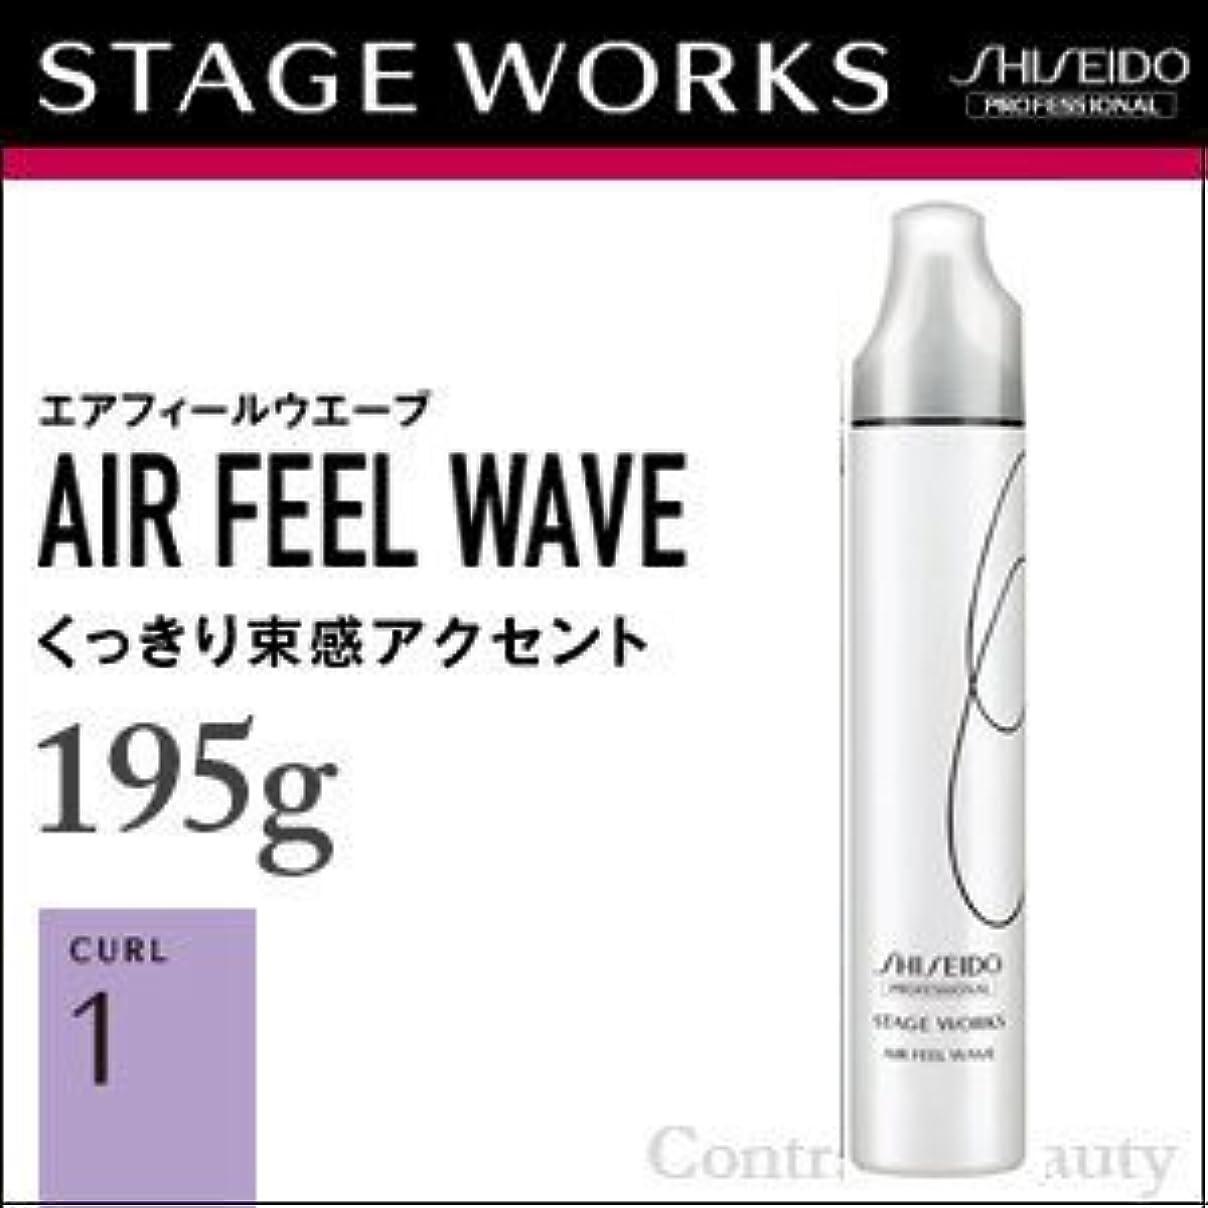 【x2個セット】 資生堂プロフェッショナル ステージワークス エアフィールウェーブ 195g